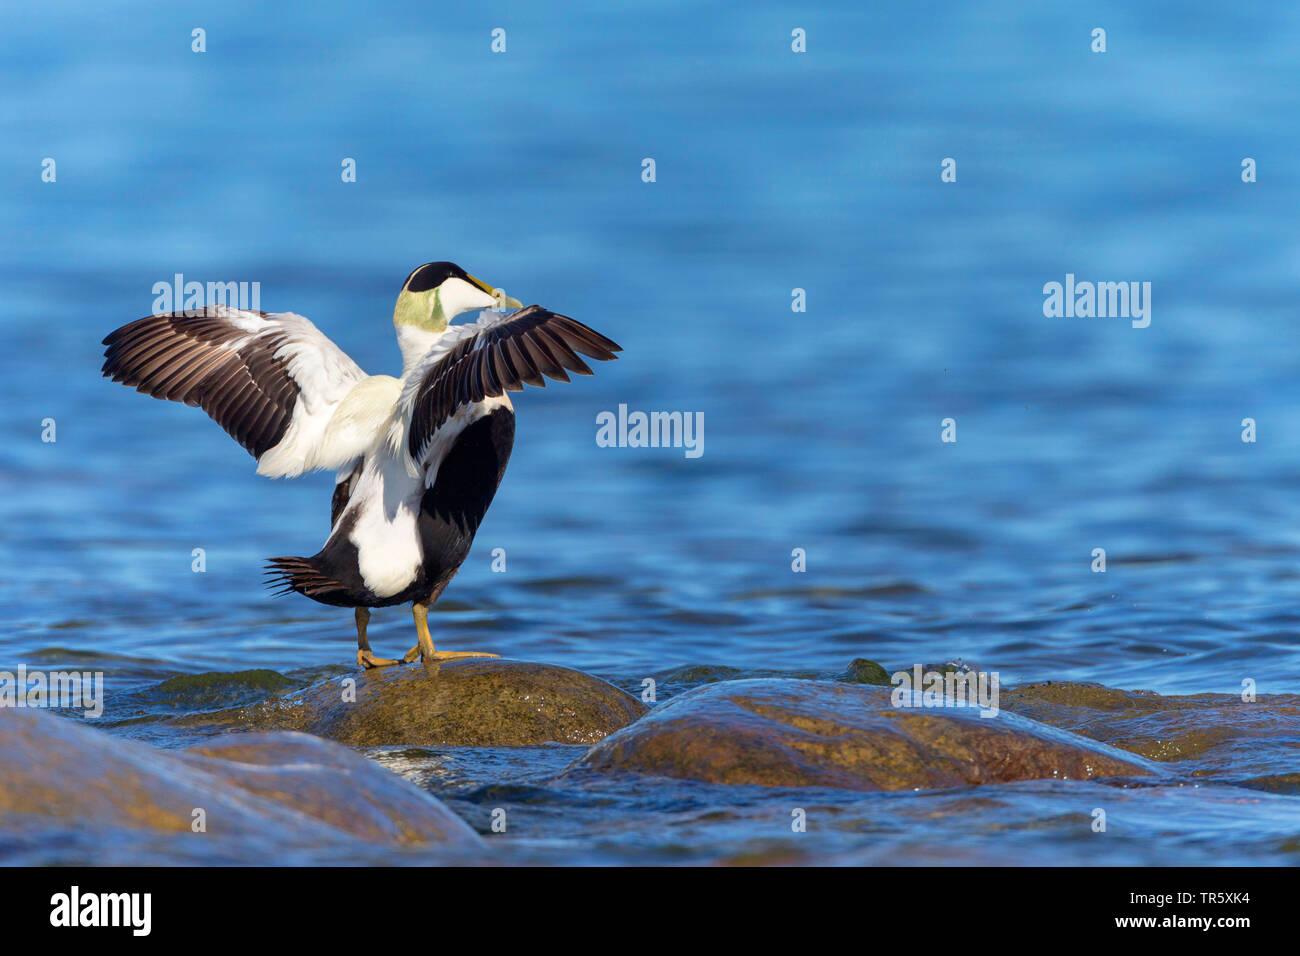 Eiderente, Eider-Ente (Somateria mollissima), Erpel steht nur auf einem Fluegeln ausgestreckten Stein im Wasser, Seitenansicht, Schweden | Général eide Photo Stock